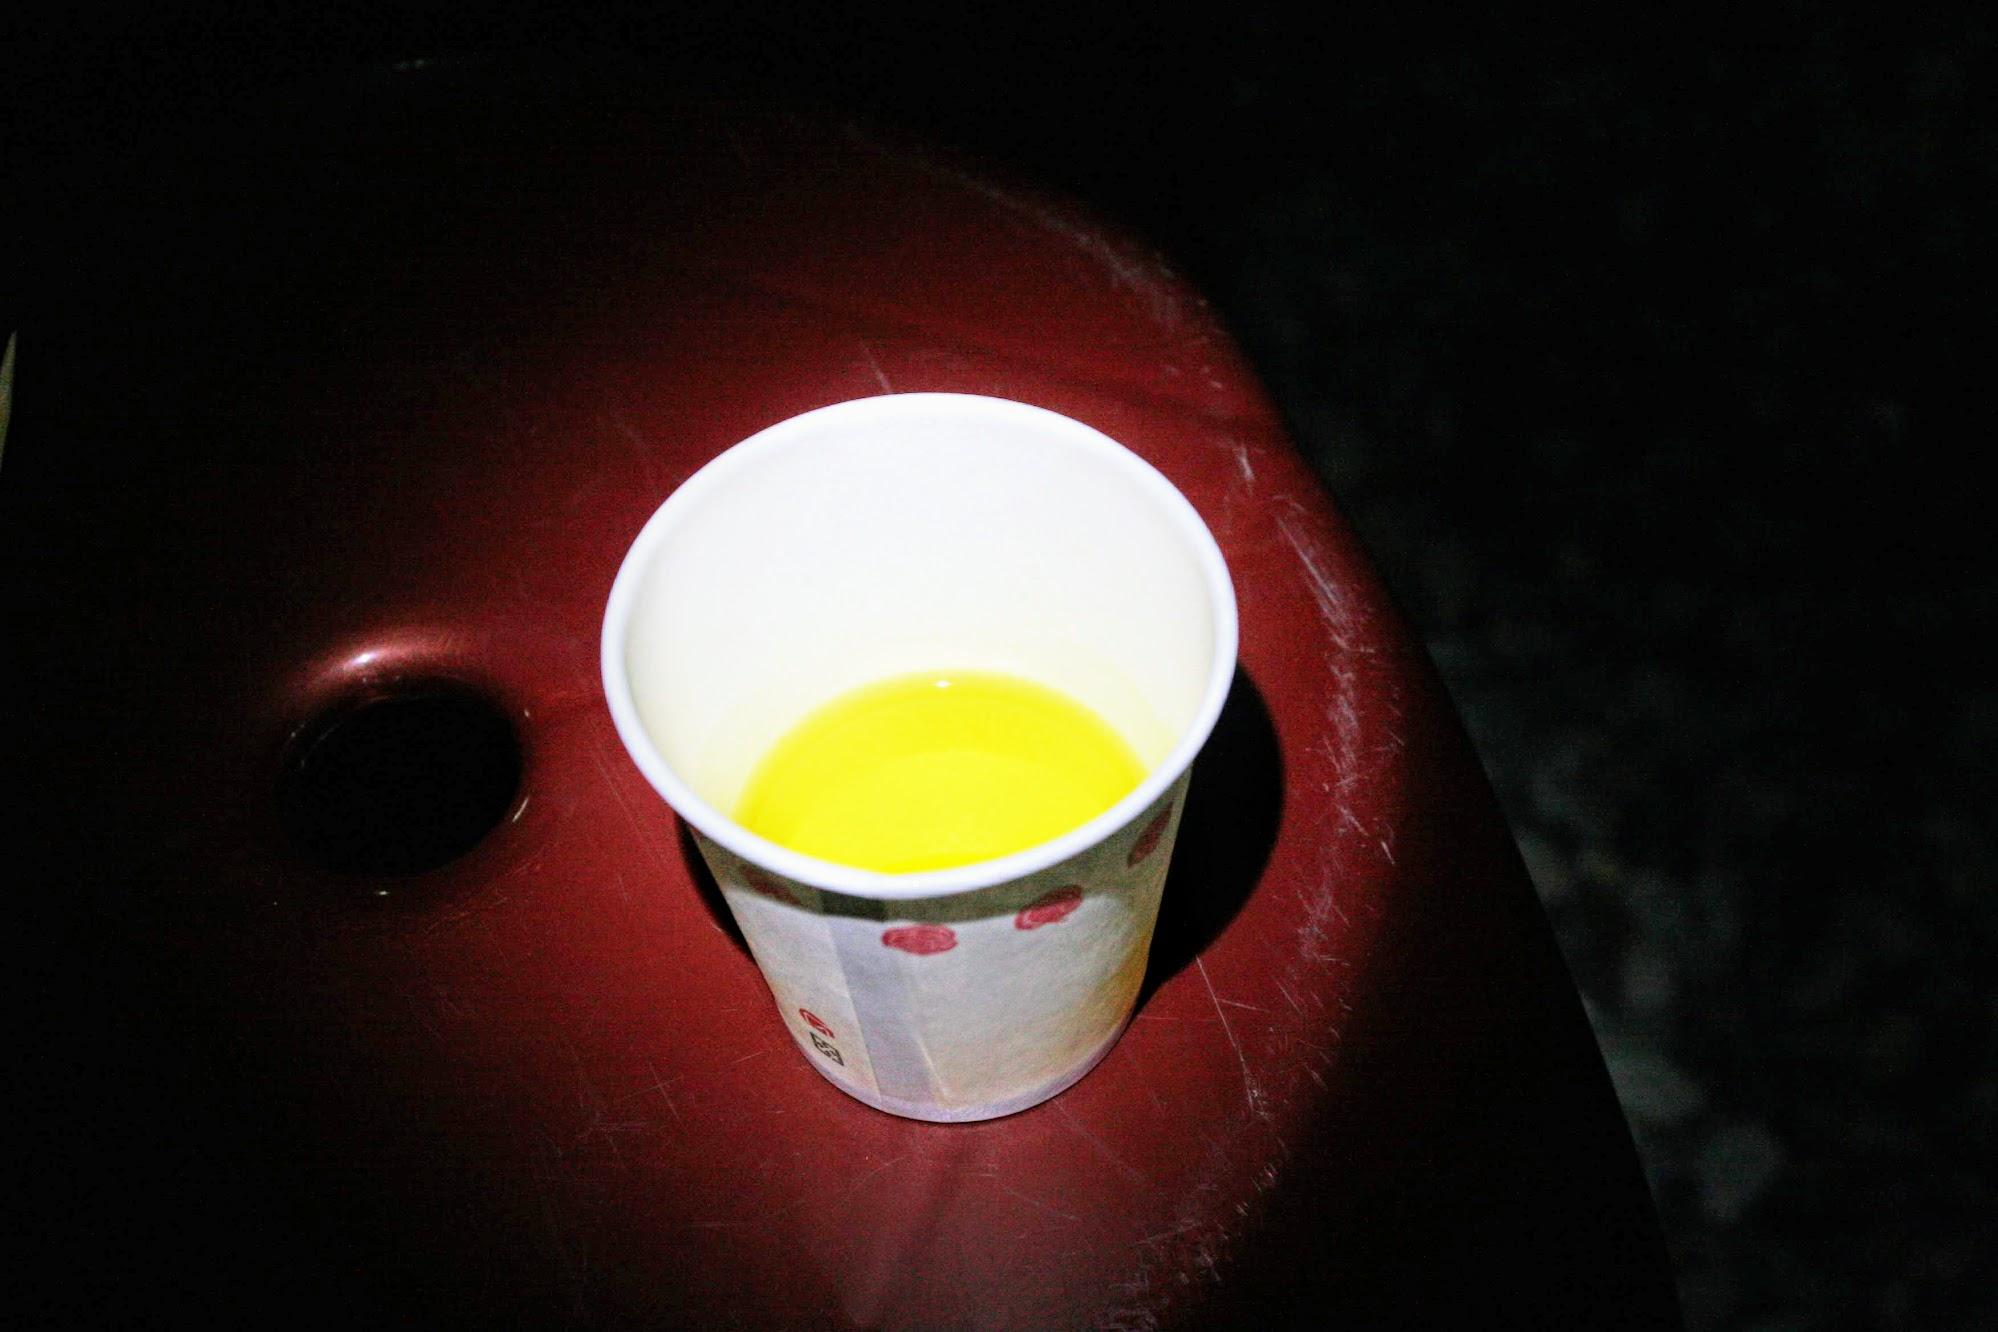 這..我忘記是什麼草熬煮出來的茶,可顧肝,但喝起來好苦好苦.....(當天回房間忘記寫下來,現在僅記得魚腥草顧肝,這個草反而忘記了)